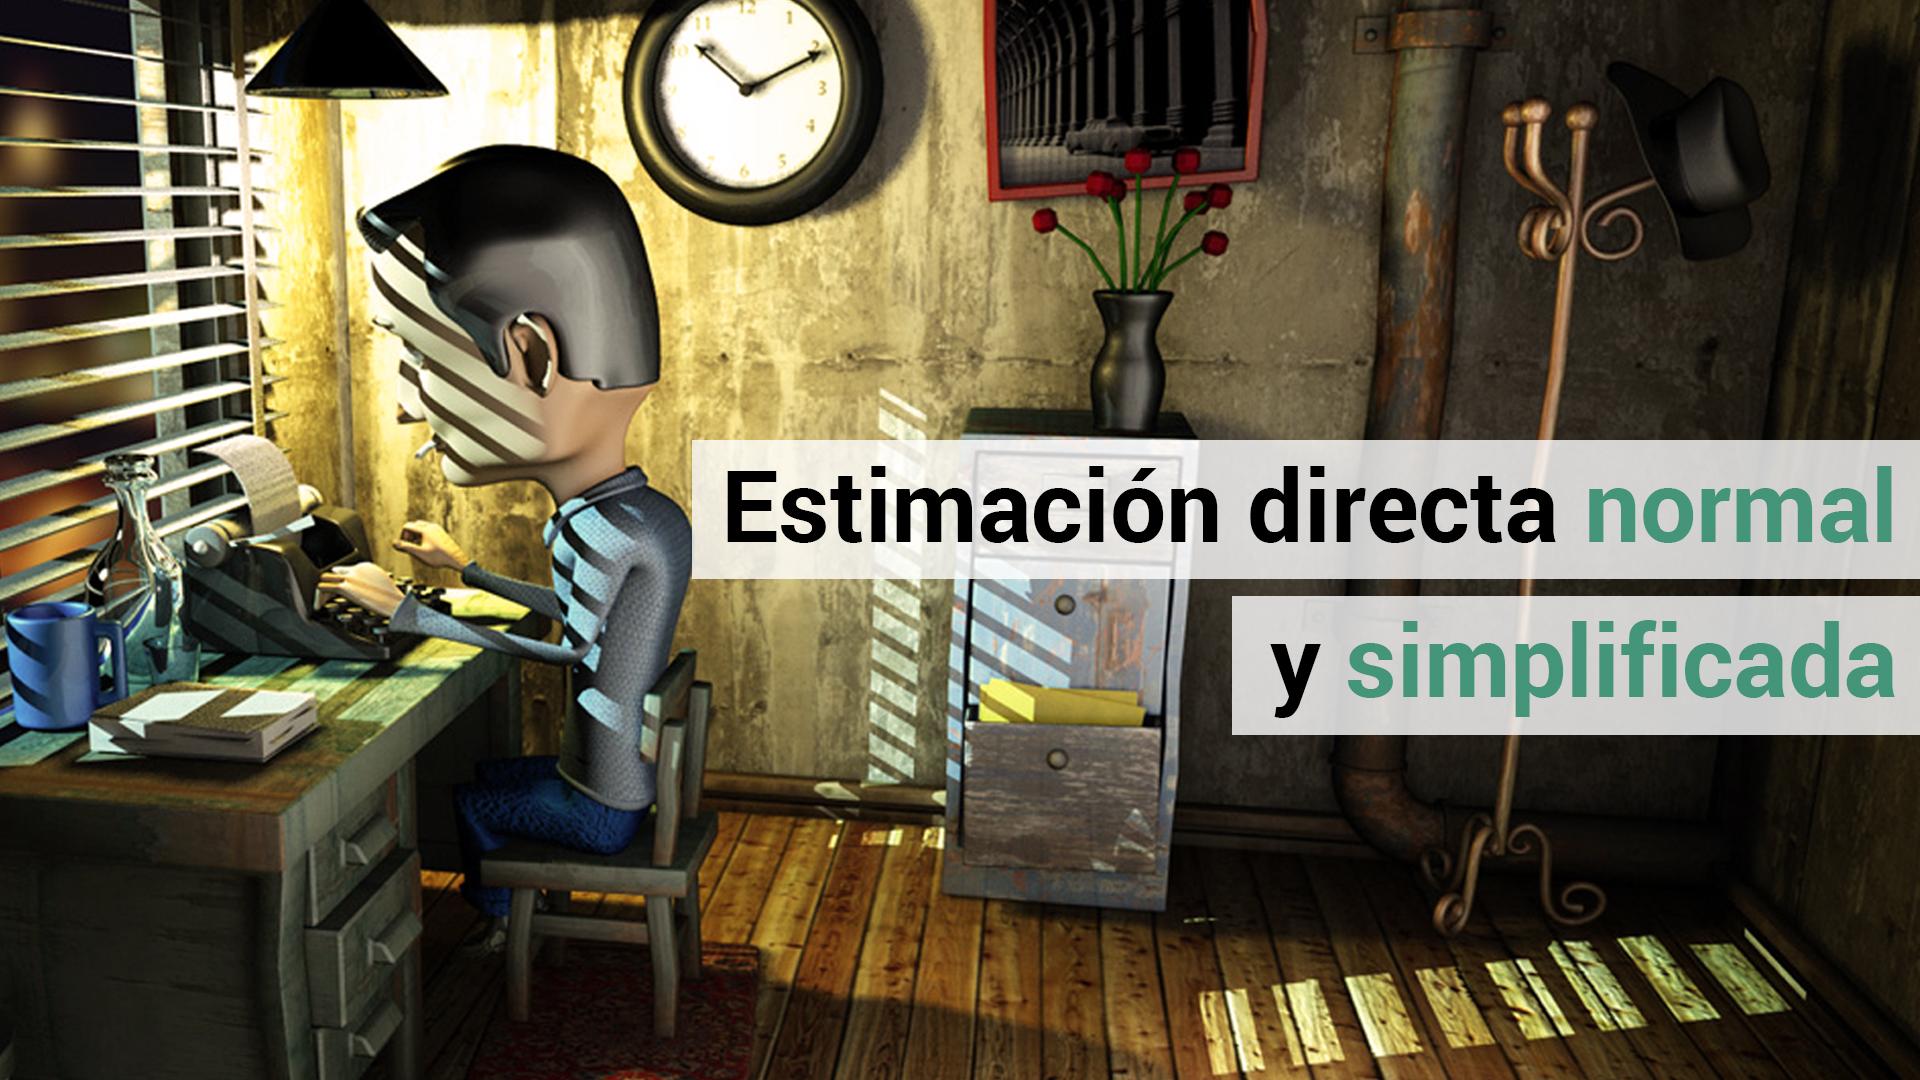 Diferencia entre la estimación directa normal y simplificada